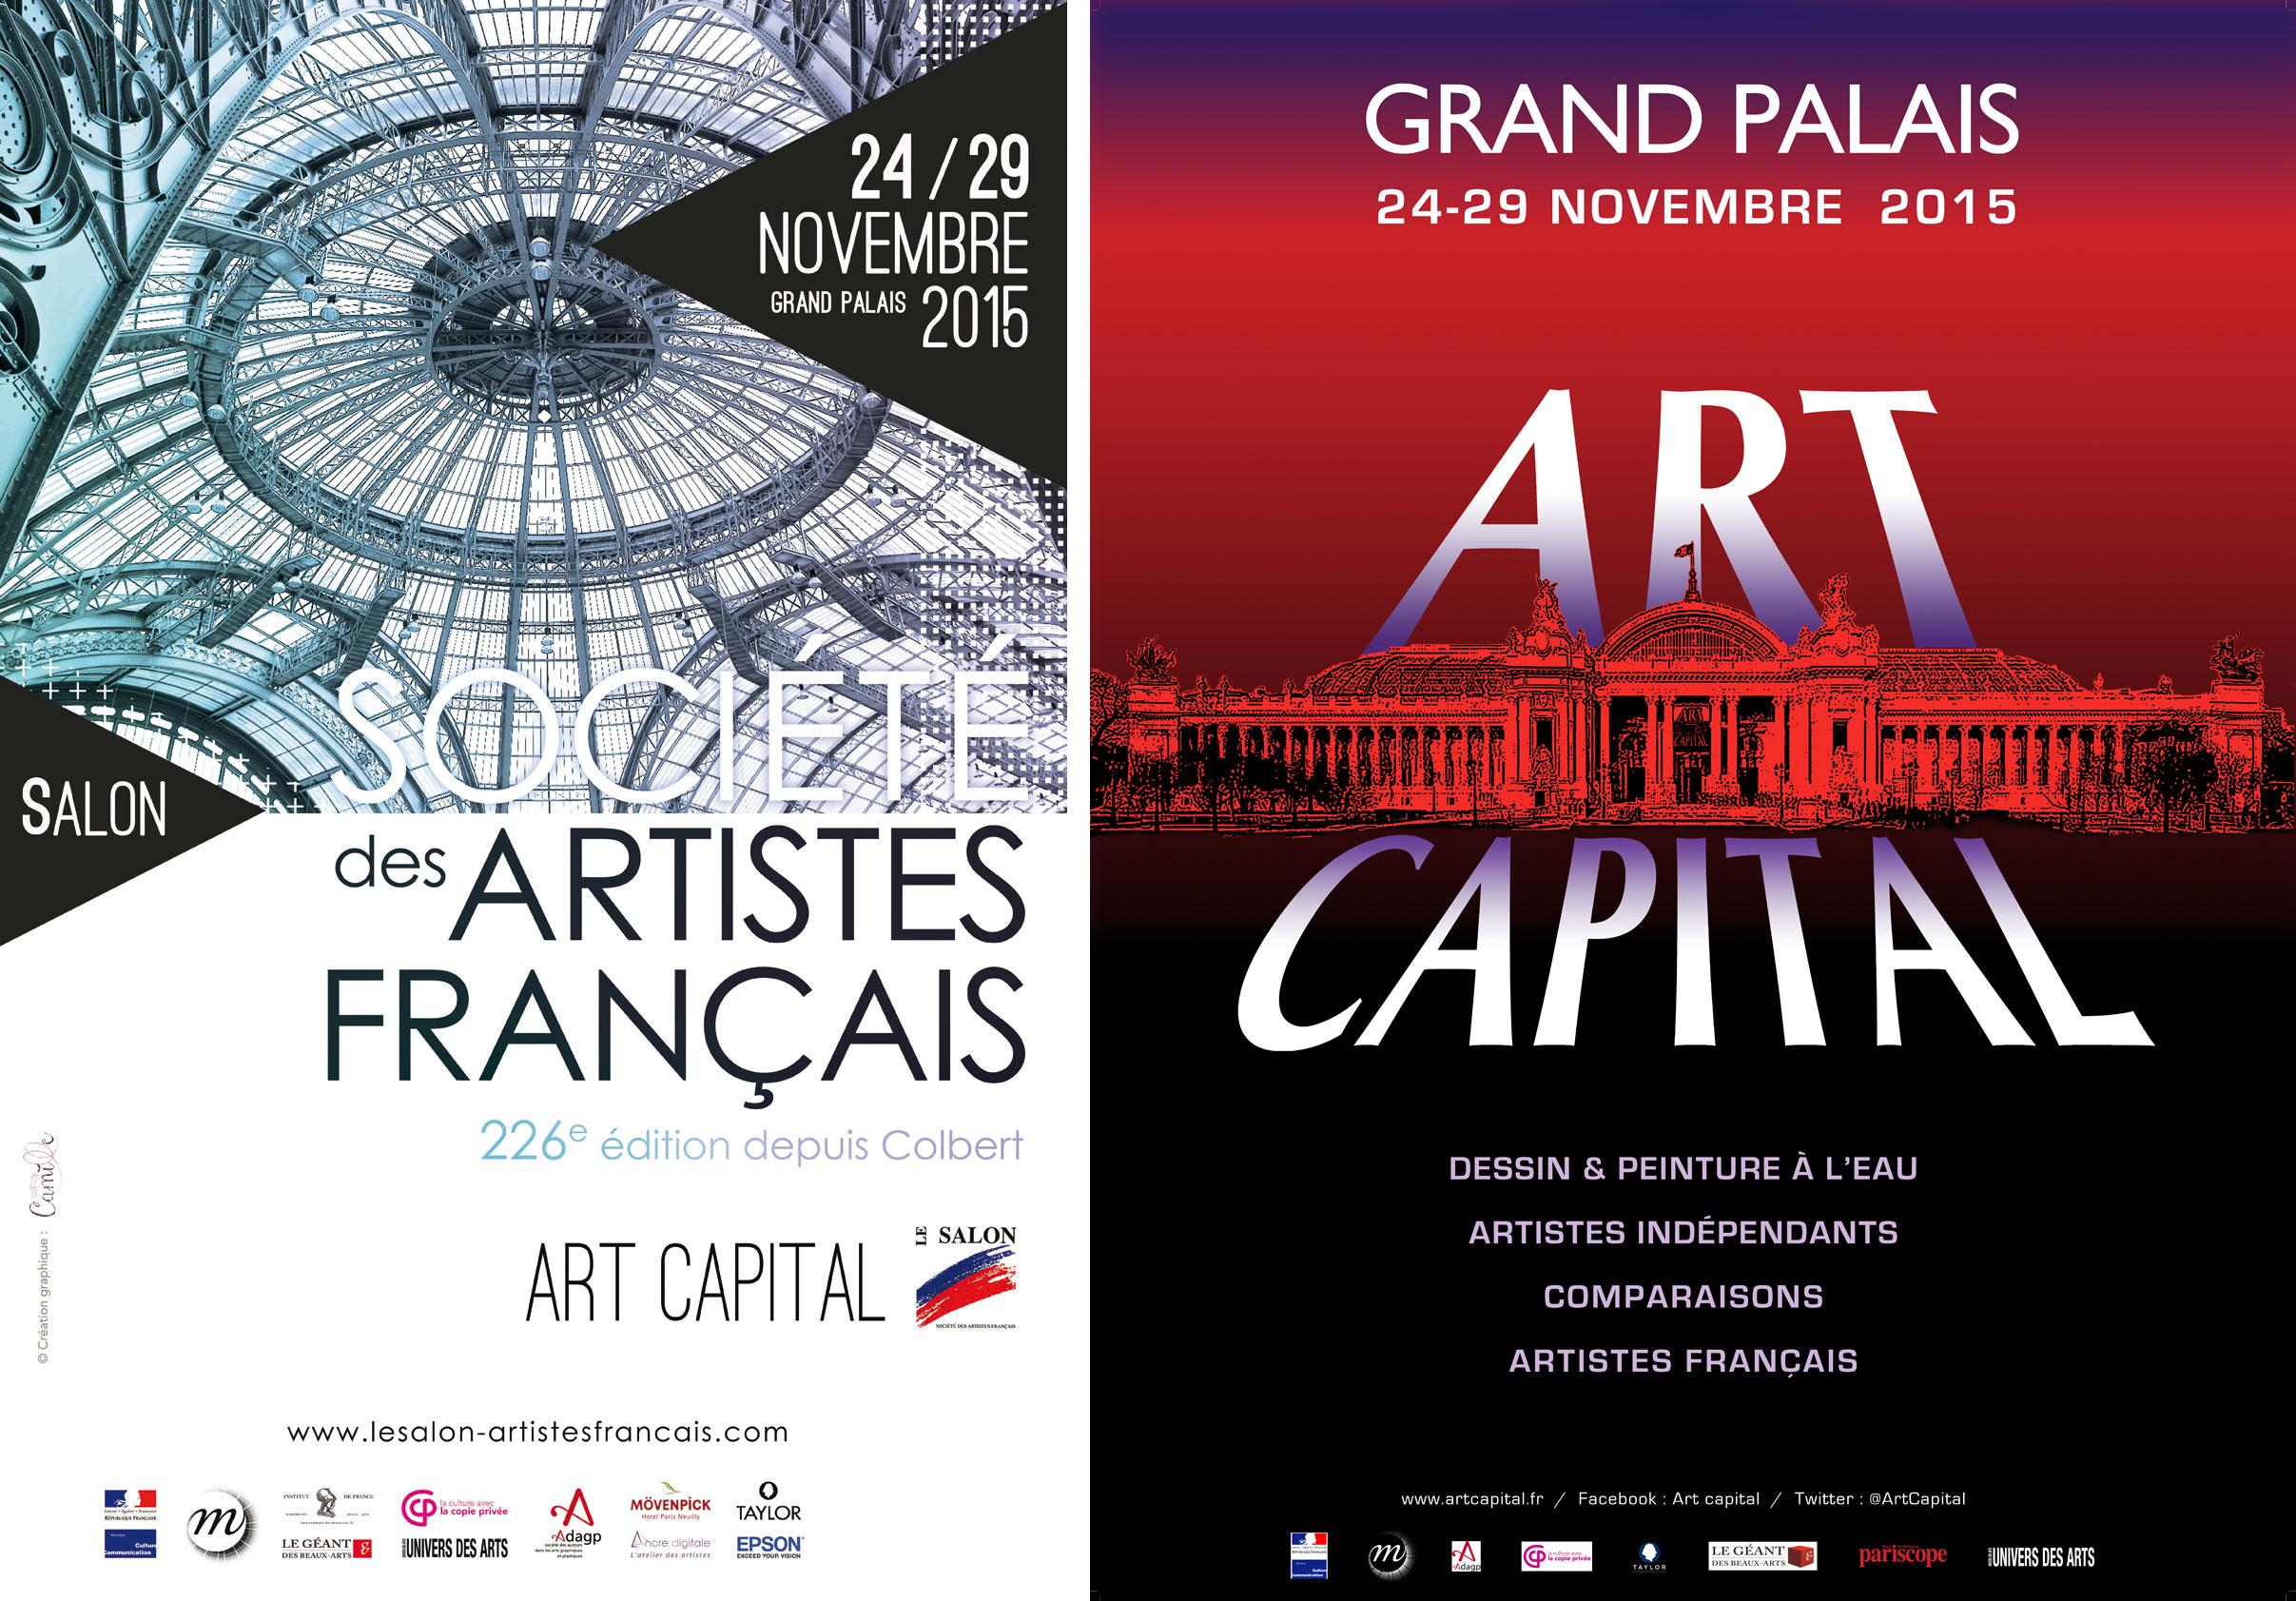 Salon des artistes fran ais au grand palais beno t d chelle - Salon des seniors paris invitation ...